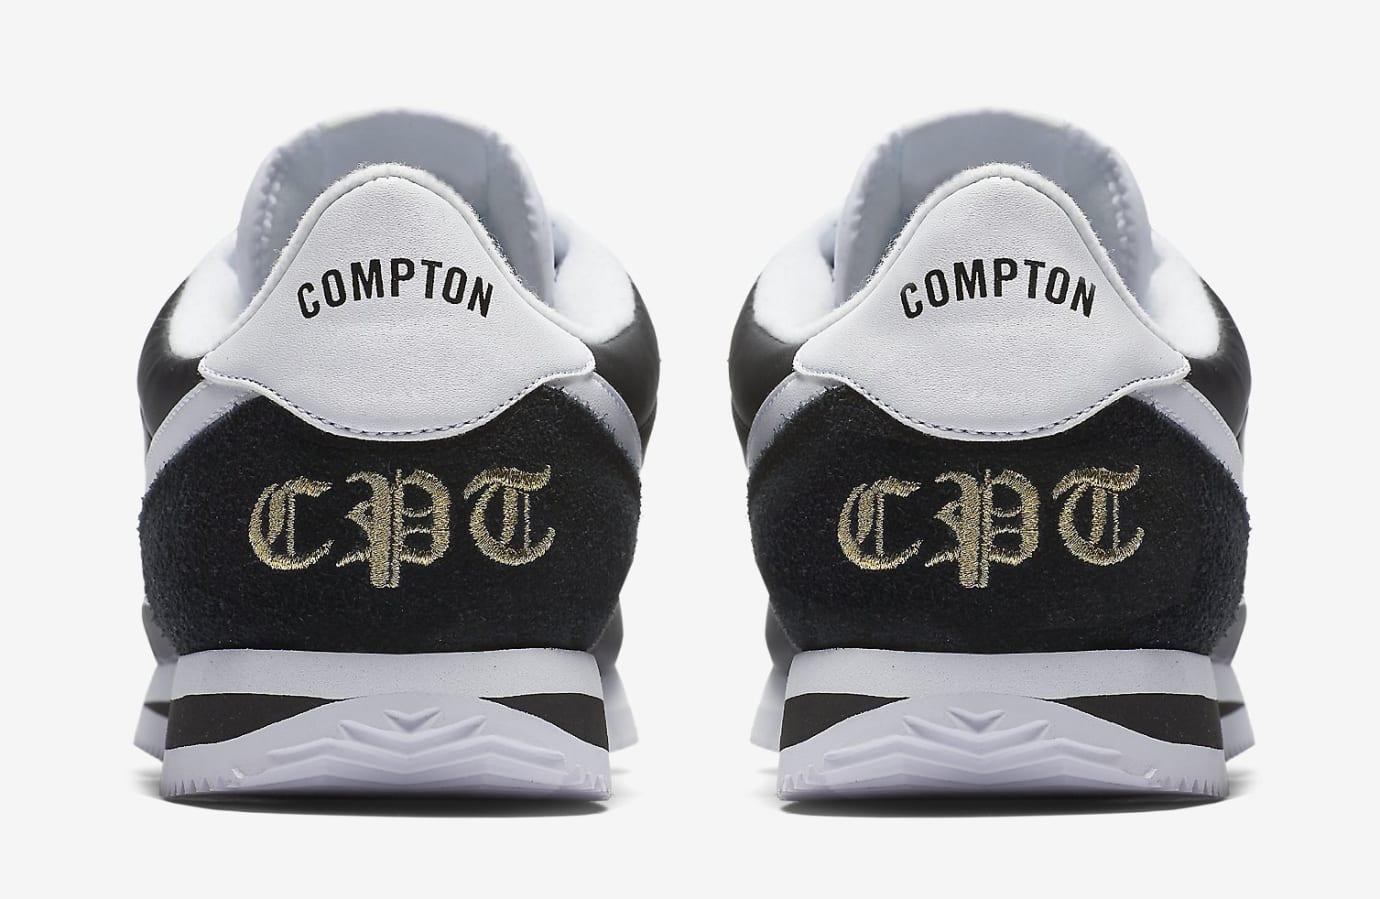 Nike Cortez Compton 902804-001 Heel